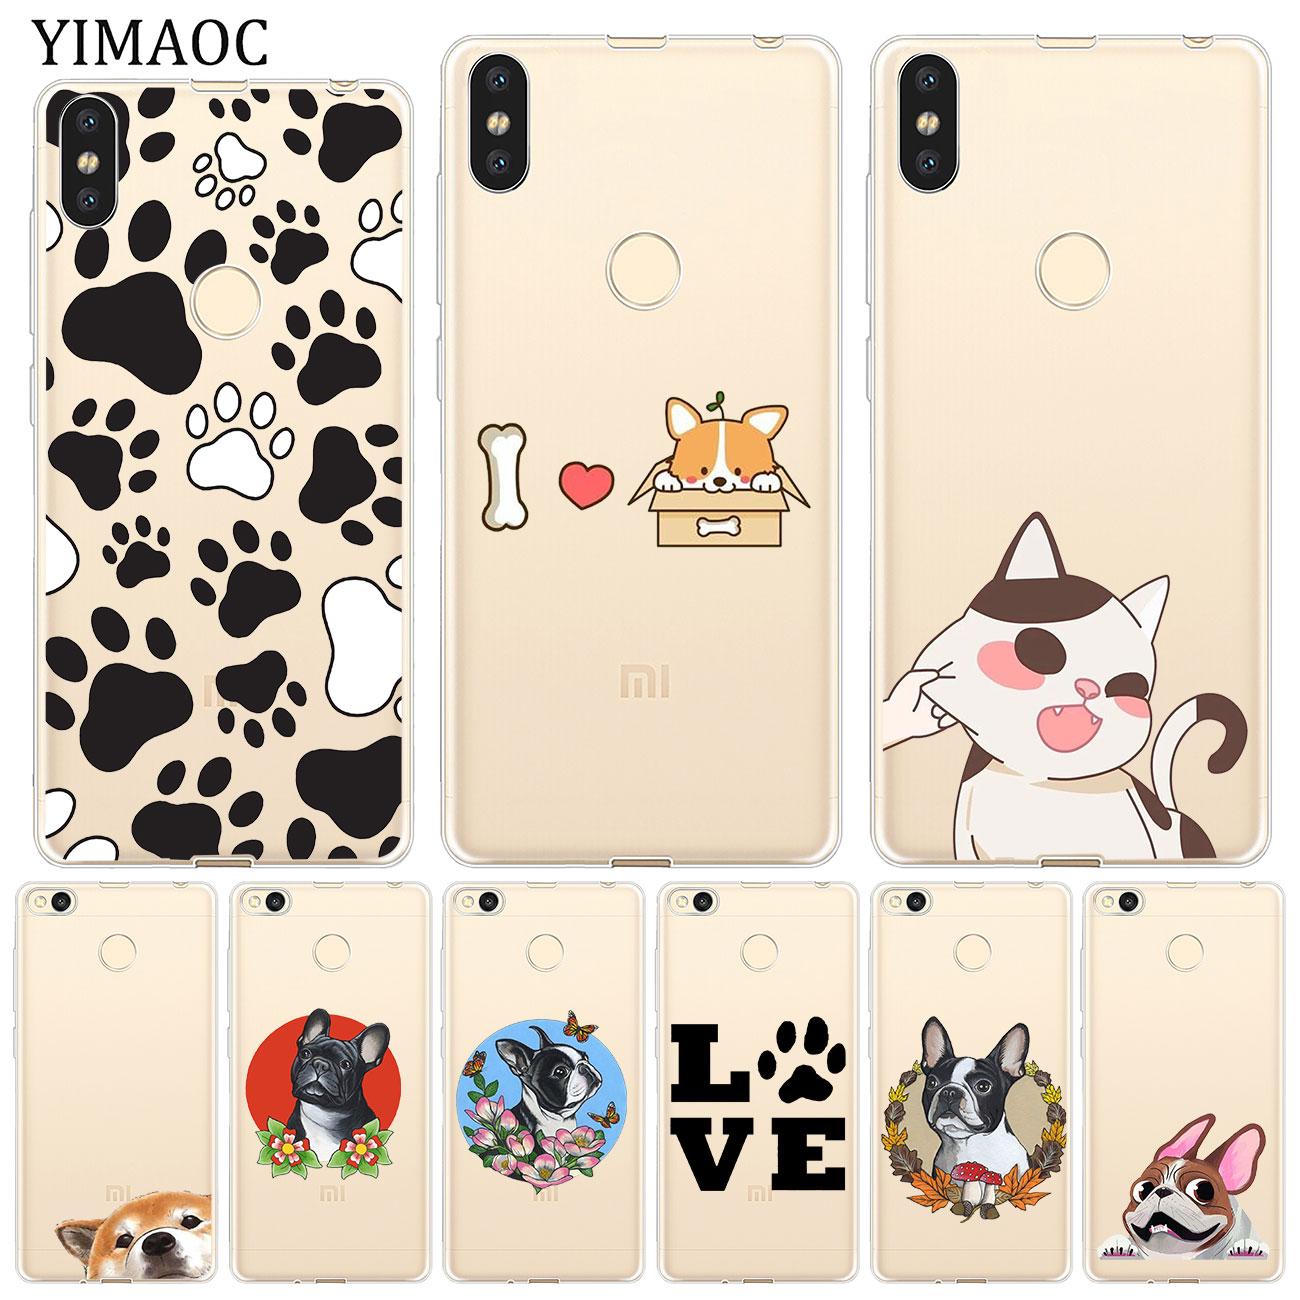 YIMAOC Animal Cat Dog Cute Bulldog Soft Case for Xiaomi Mi 9 9T CC9 CC9E A3 Pro 8 SE A2 Lite A1 MiX